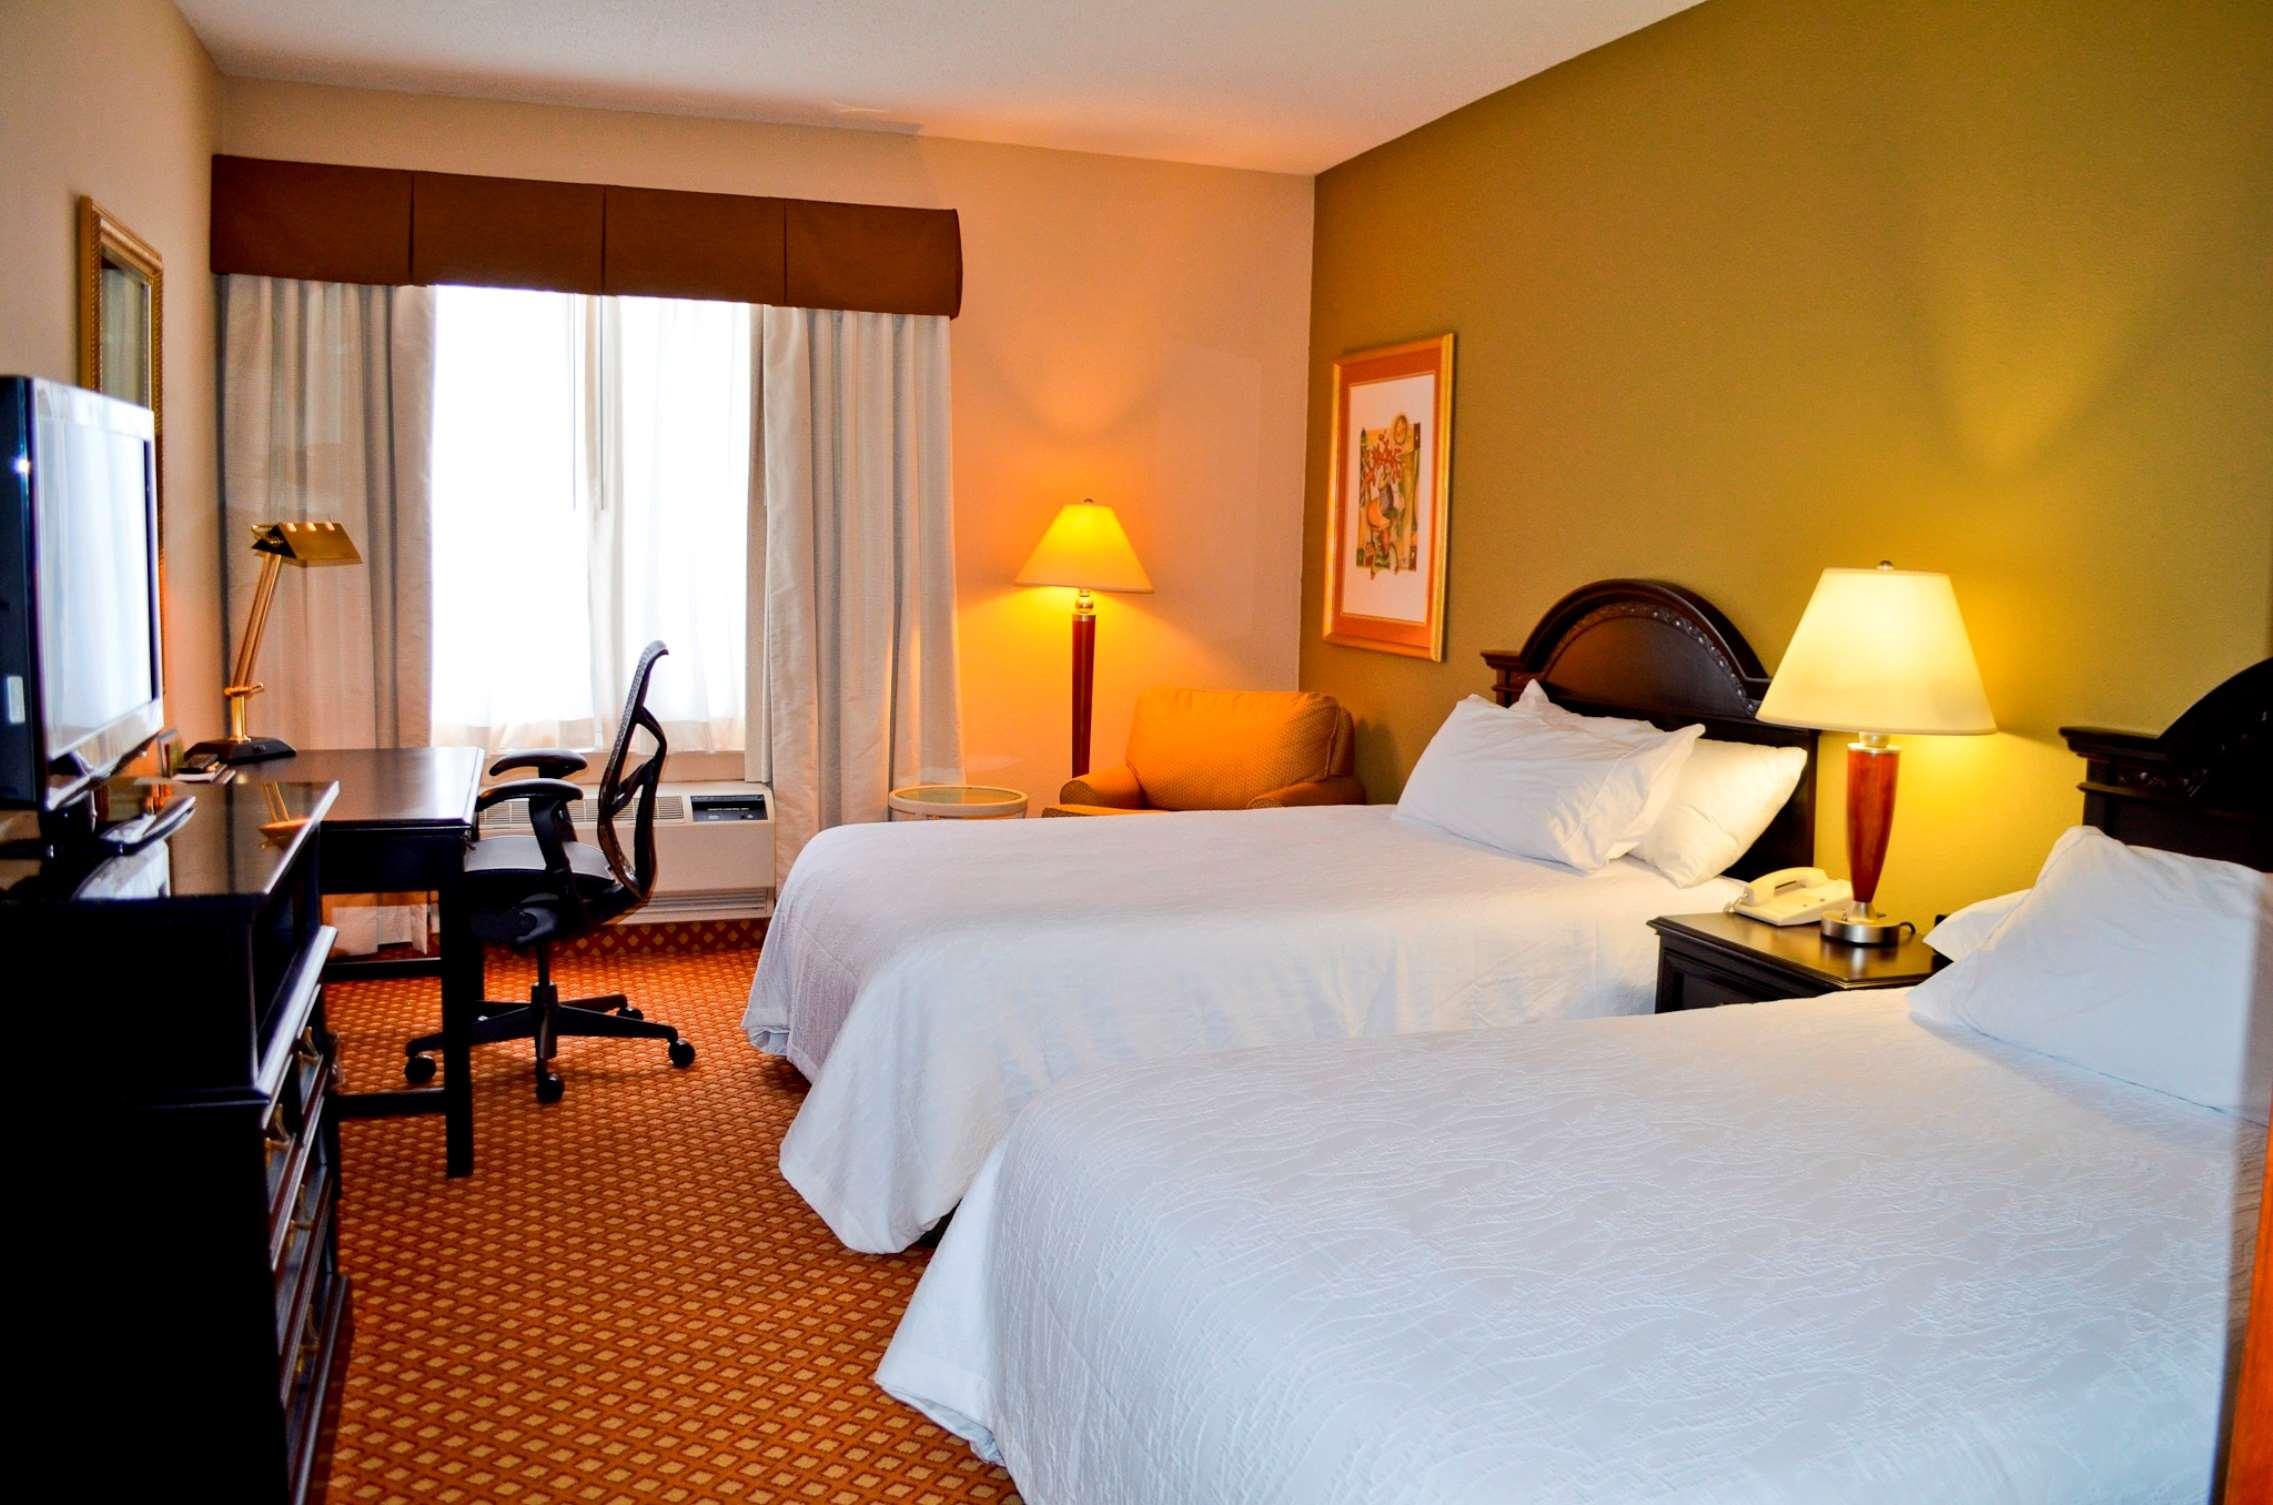 Hilton Garden Inn Cincinnati Northeast image 12